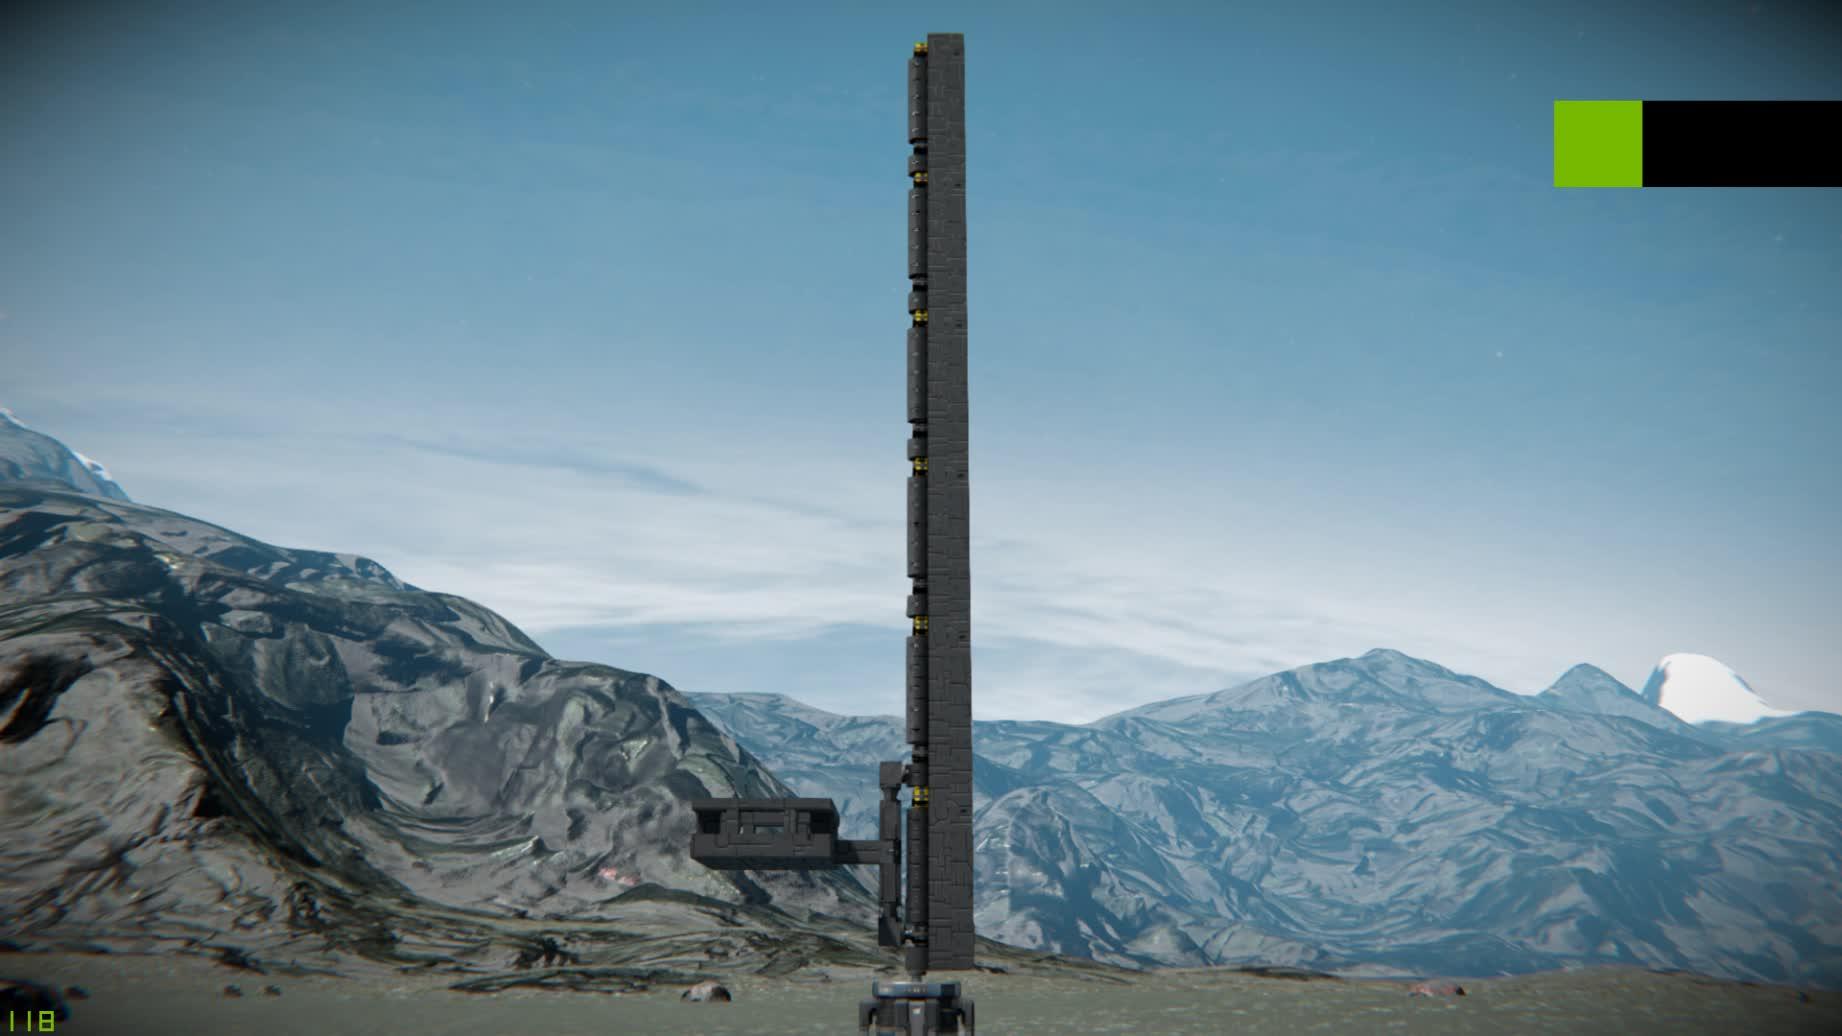 spaceengineers, Space Engineers Elevator Test 2 GIFs